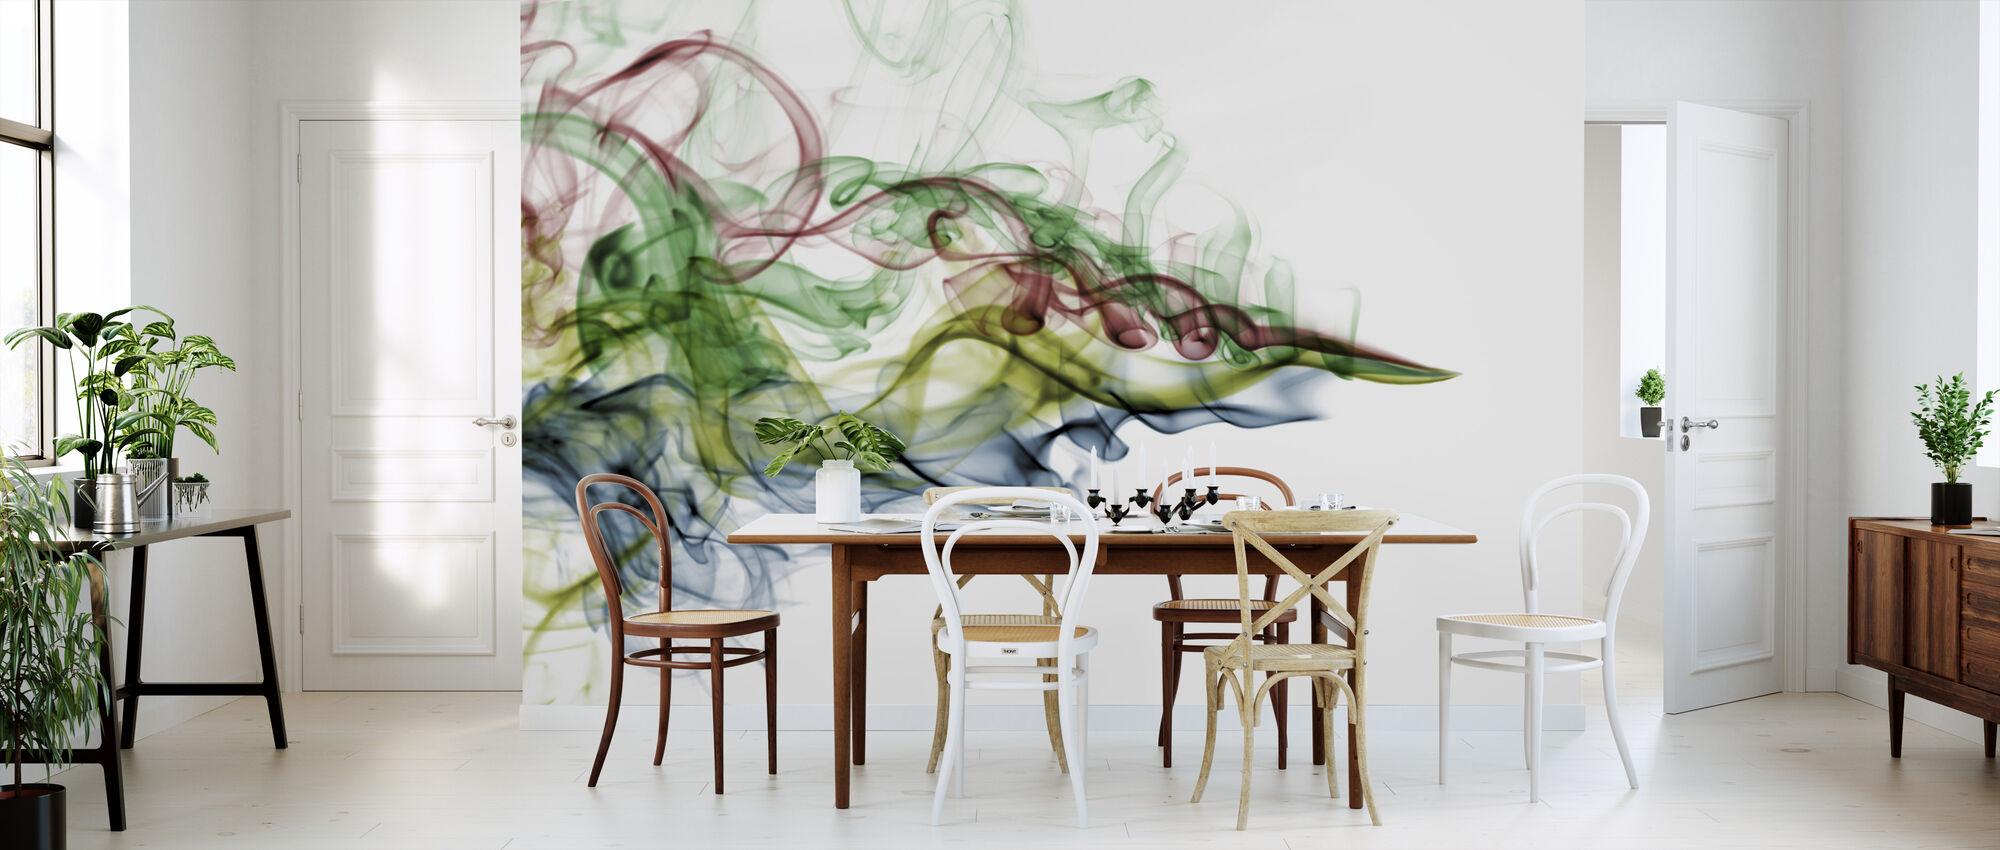 Color Smoke - Wallpaper - Kitchen